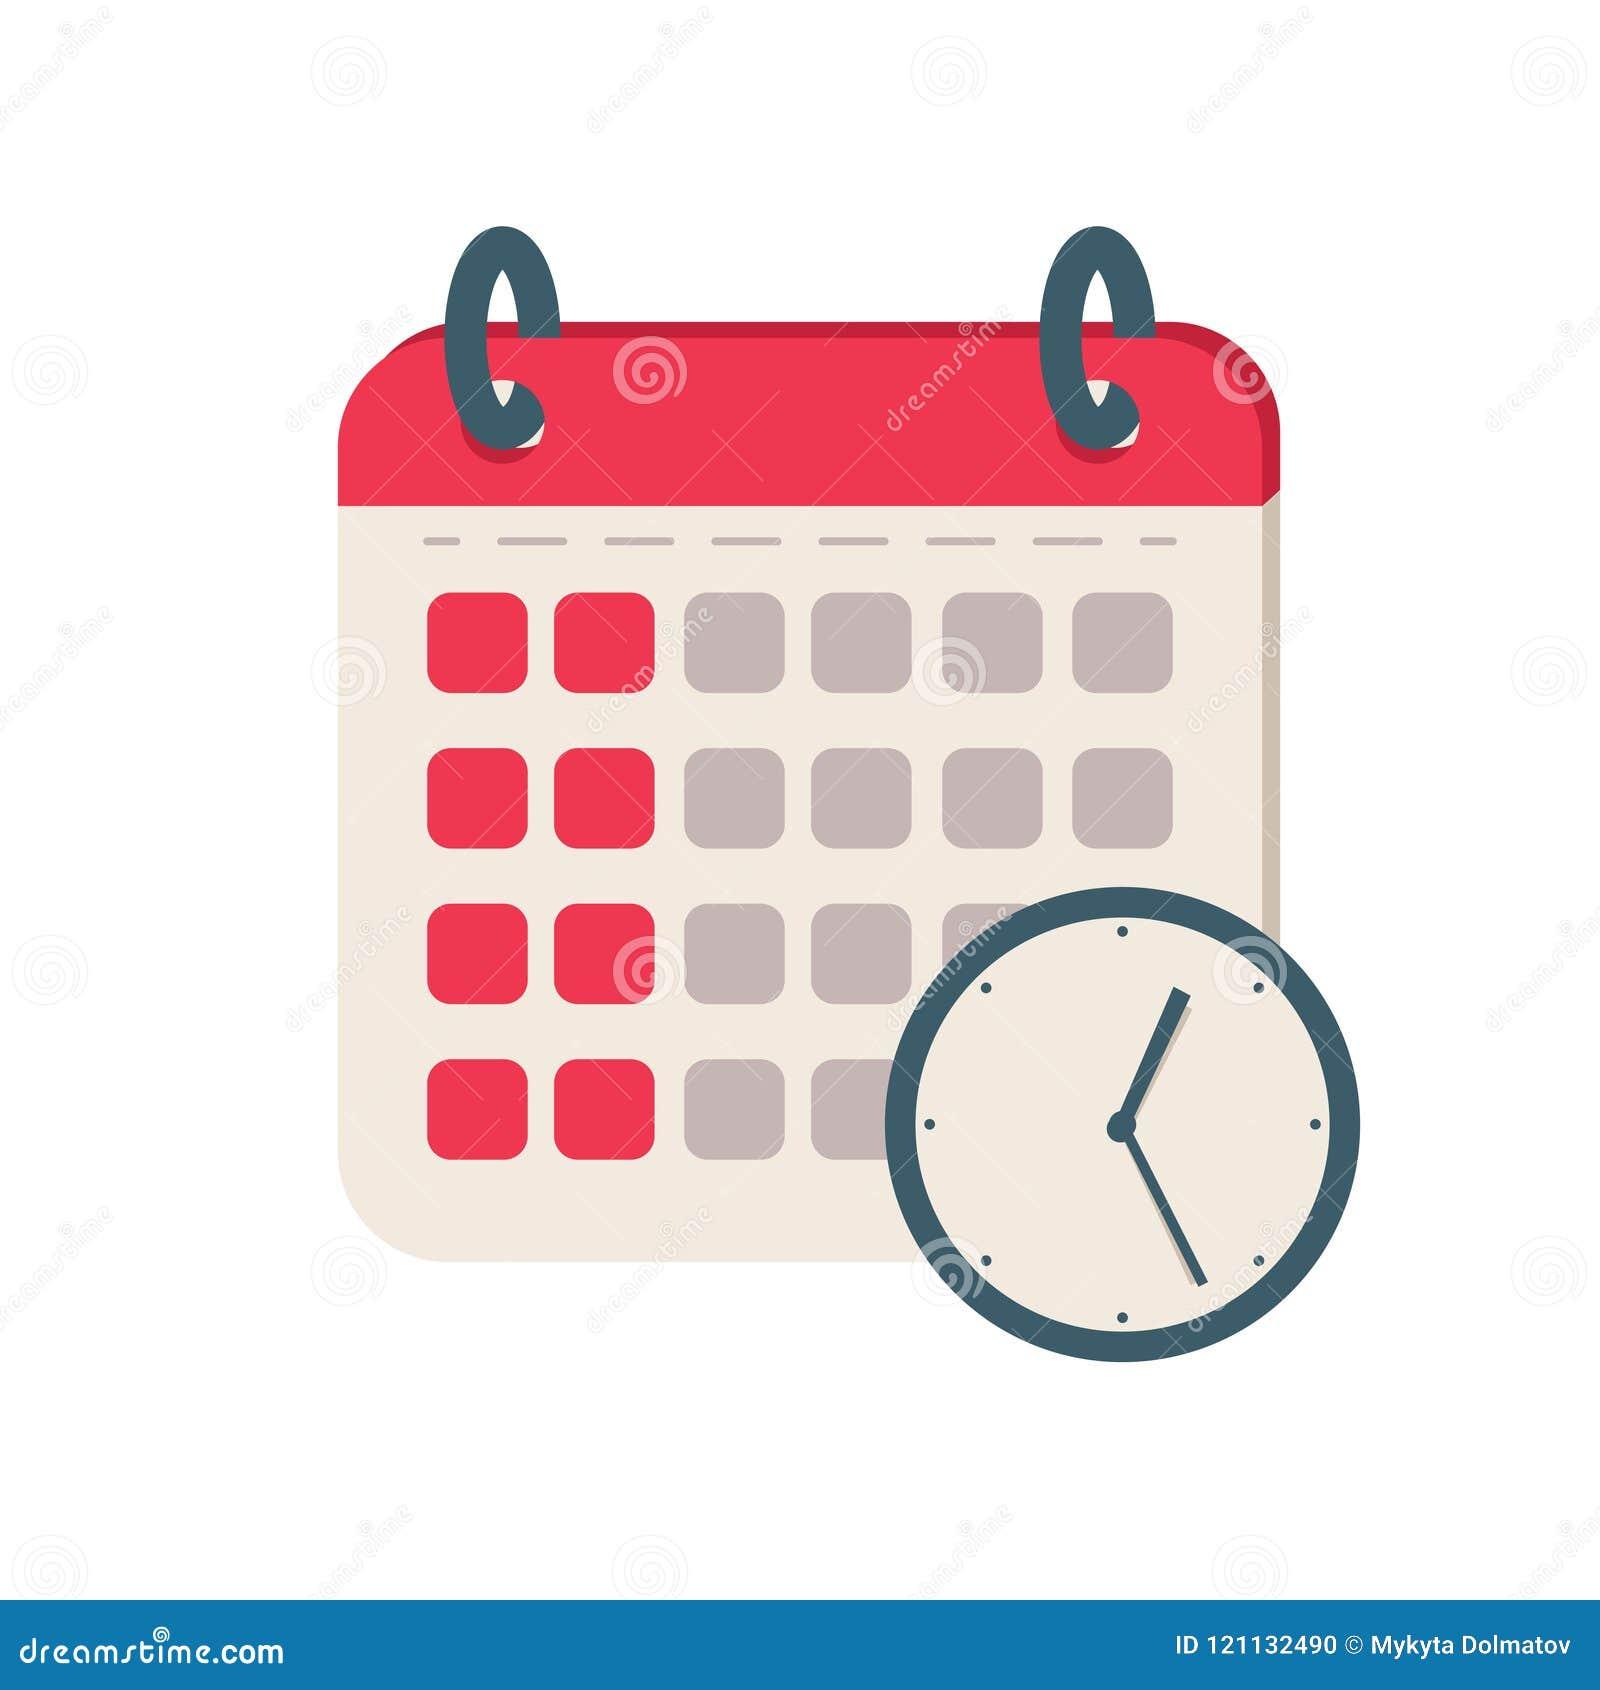 Calendario Icona.Icona Di Tempo Del Calendario Icona Piana Di Vettore Dell